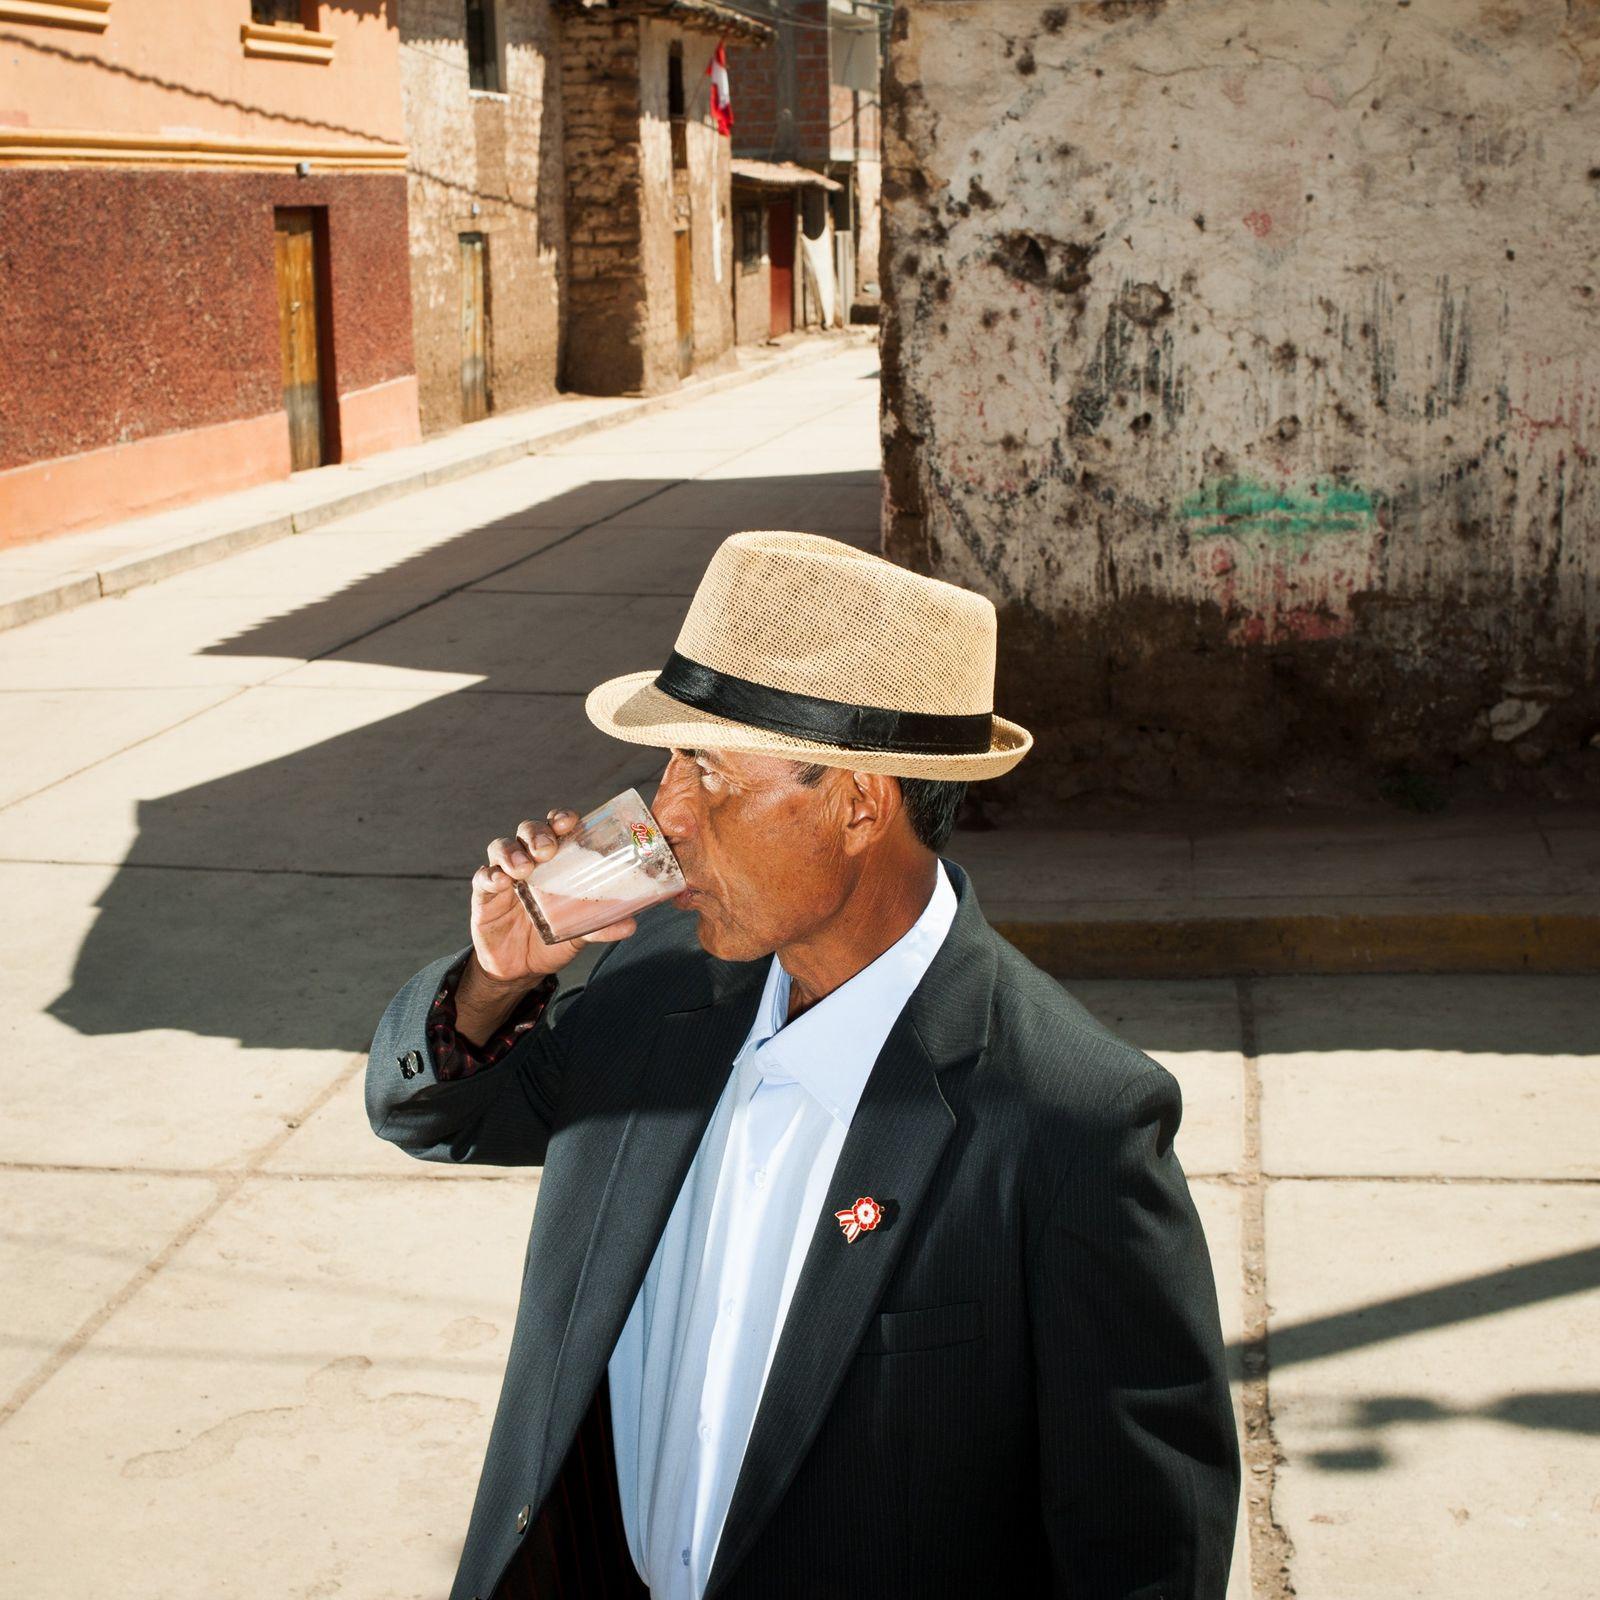 Vor einer chicheria in Lamay, Peru, im Heiligen Tal der Inka, trinkt Lucio Chávez Díaz ein ...